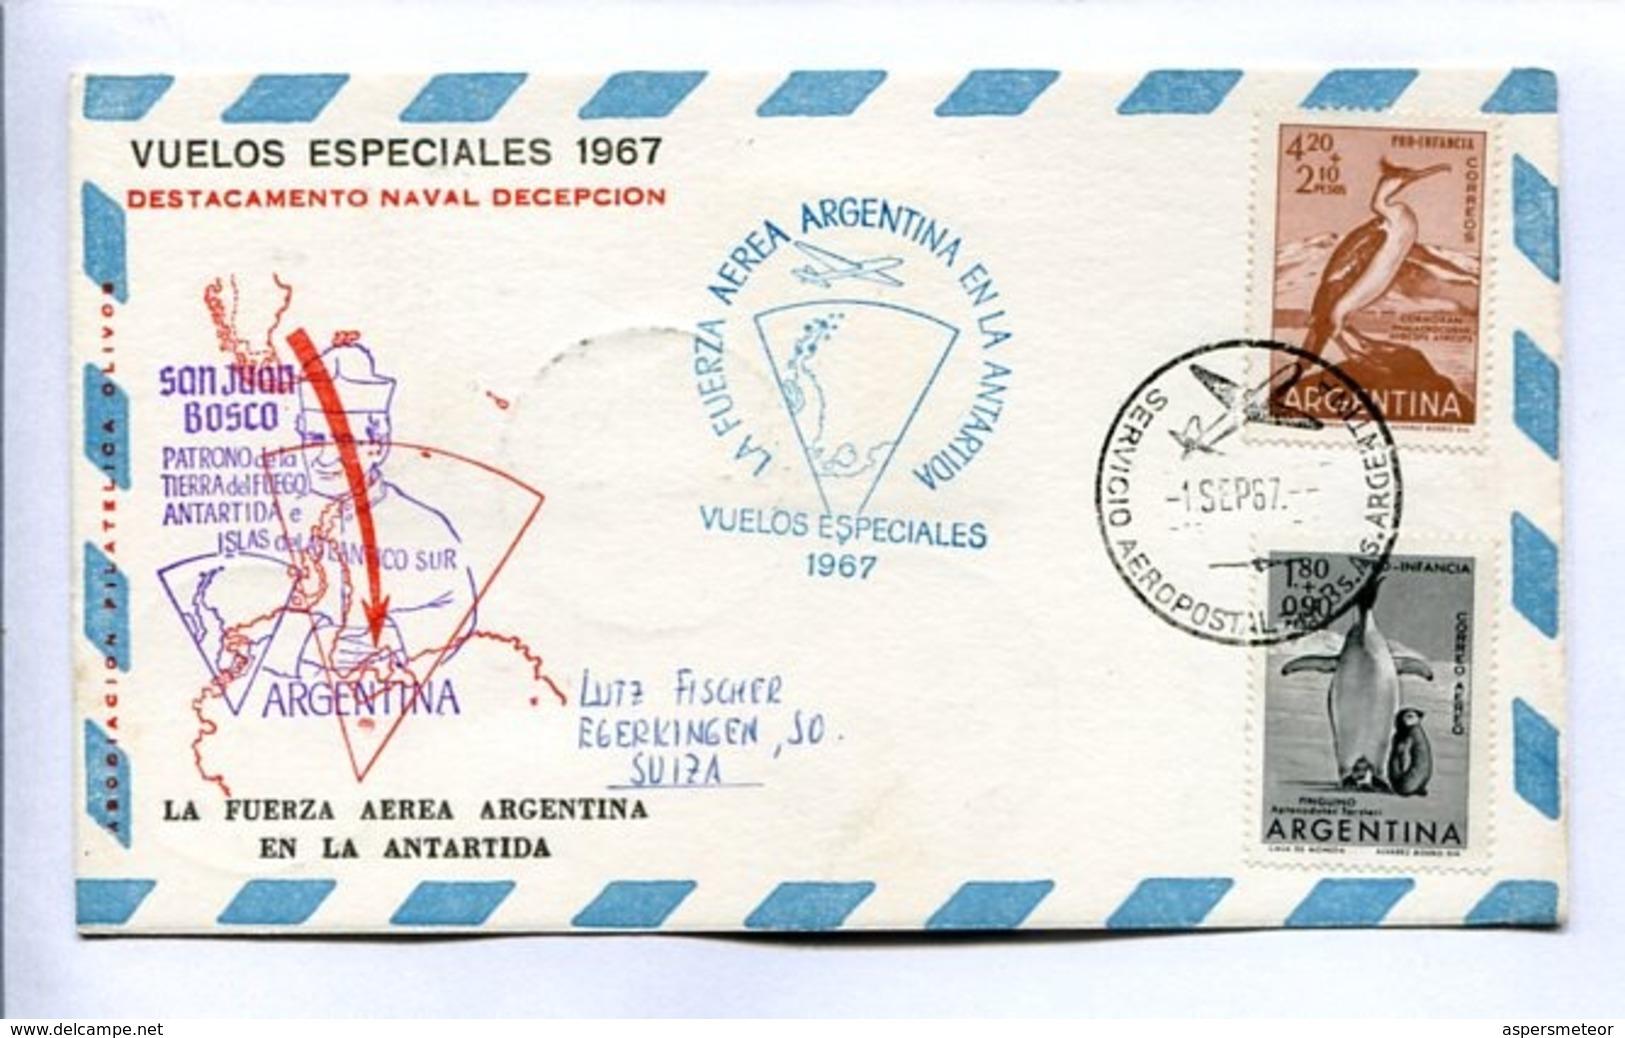 VUELOS ESPECIALES 1967 - DESTACAMENTO NAVAL DECEPCIÓN. FUERZA AEREA ARGENTINA EN LA ANTÁRTIDA. CARTE PAR AVION -LILHU - Poolvluchten